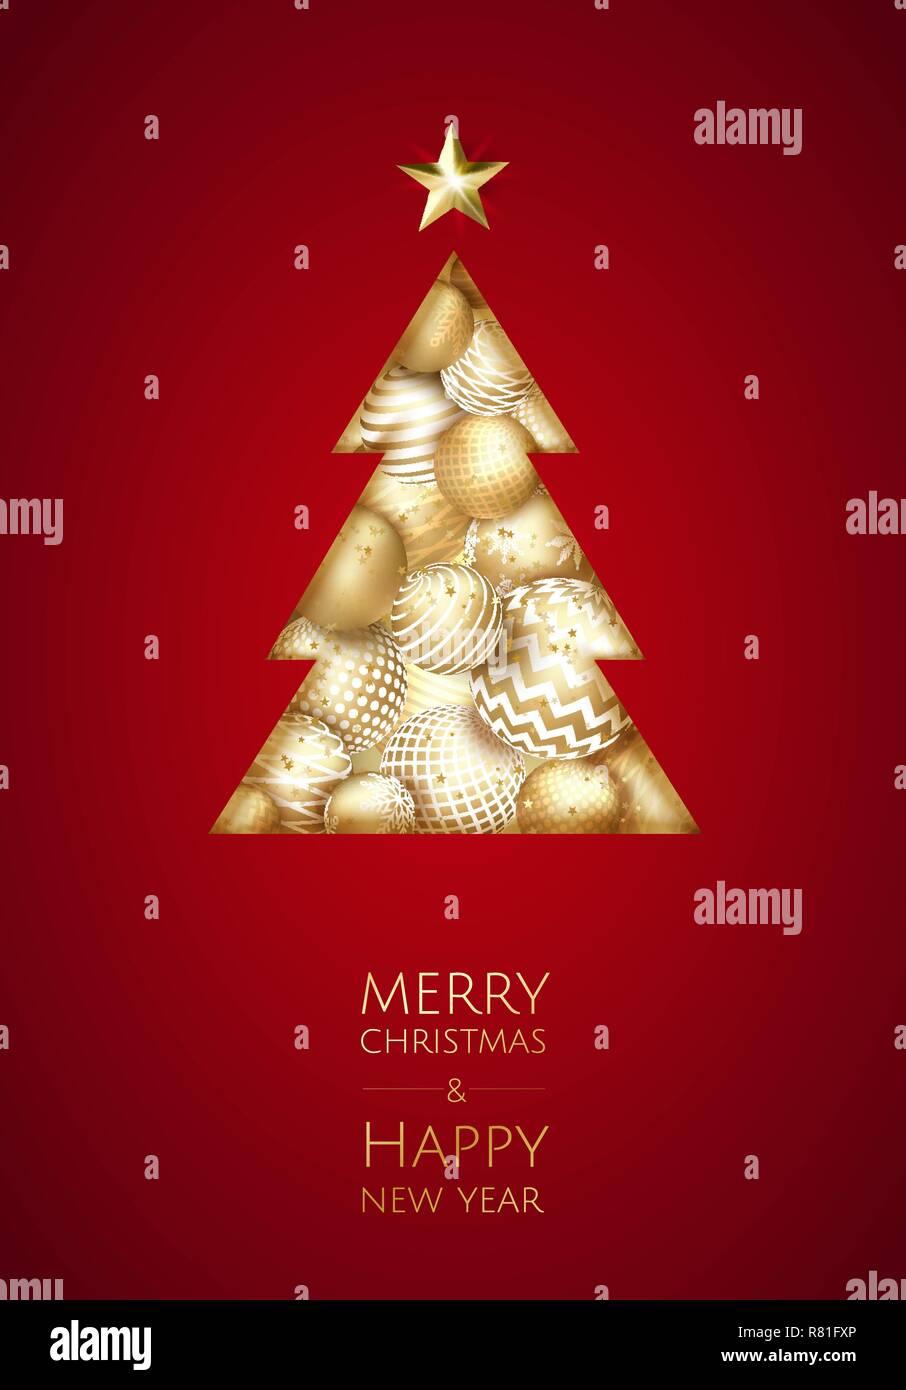 Karte Frohe Weihnachten.Frohe Weihnachten Und Guten Rutsch Ins Neue Jahr Vektor Moderne